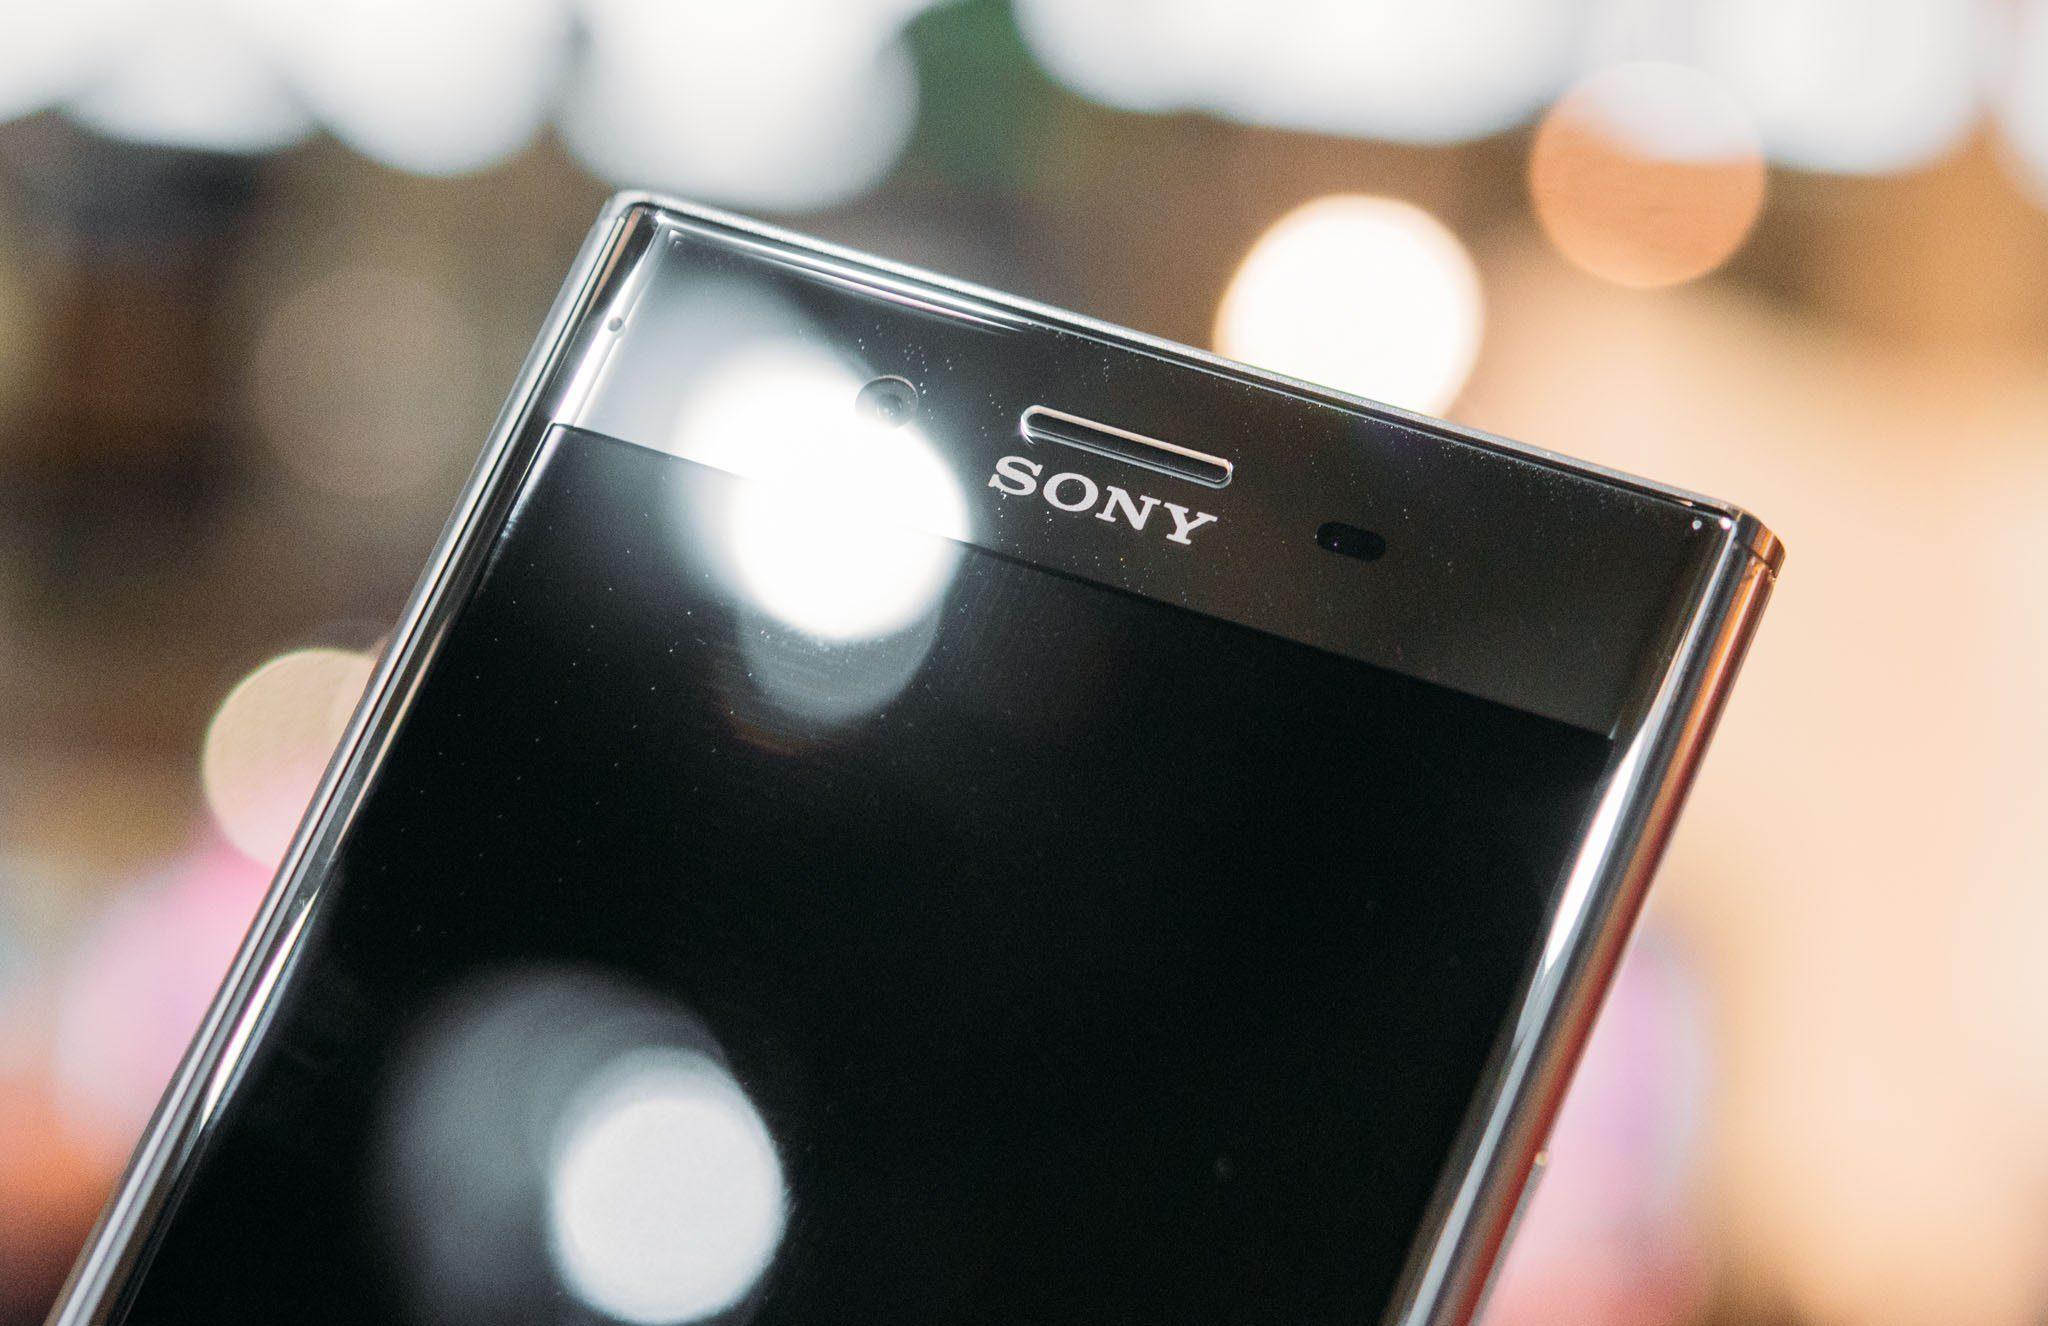 Màn hình điện thoại Sony bị mờ, tối hơn bình thường dù tùy chỉnh cùng mức độ